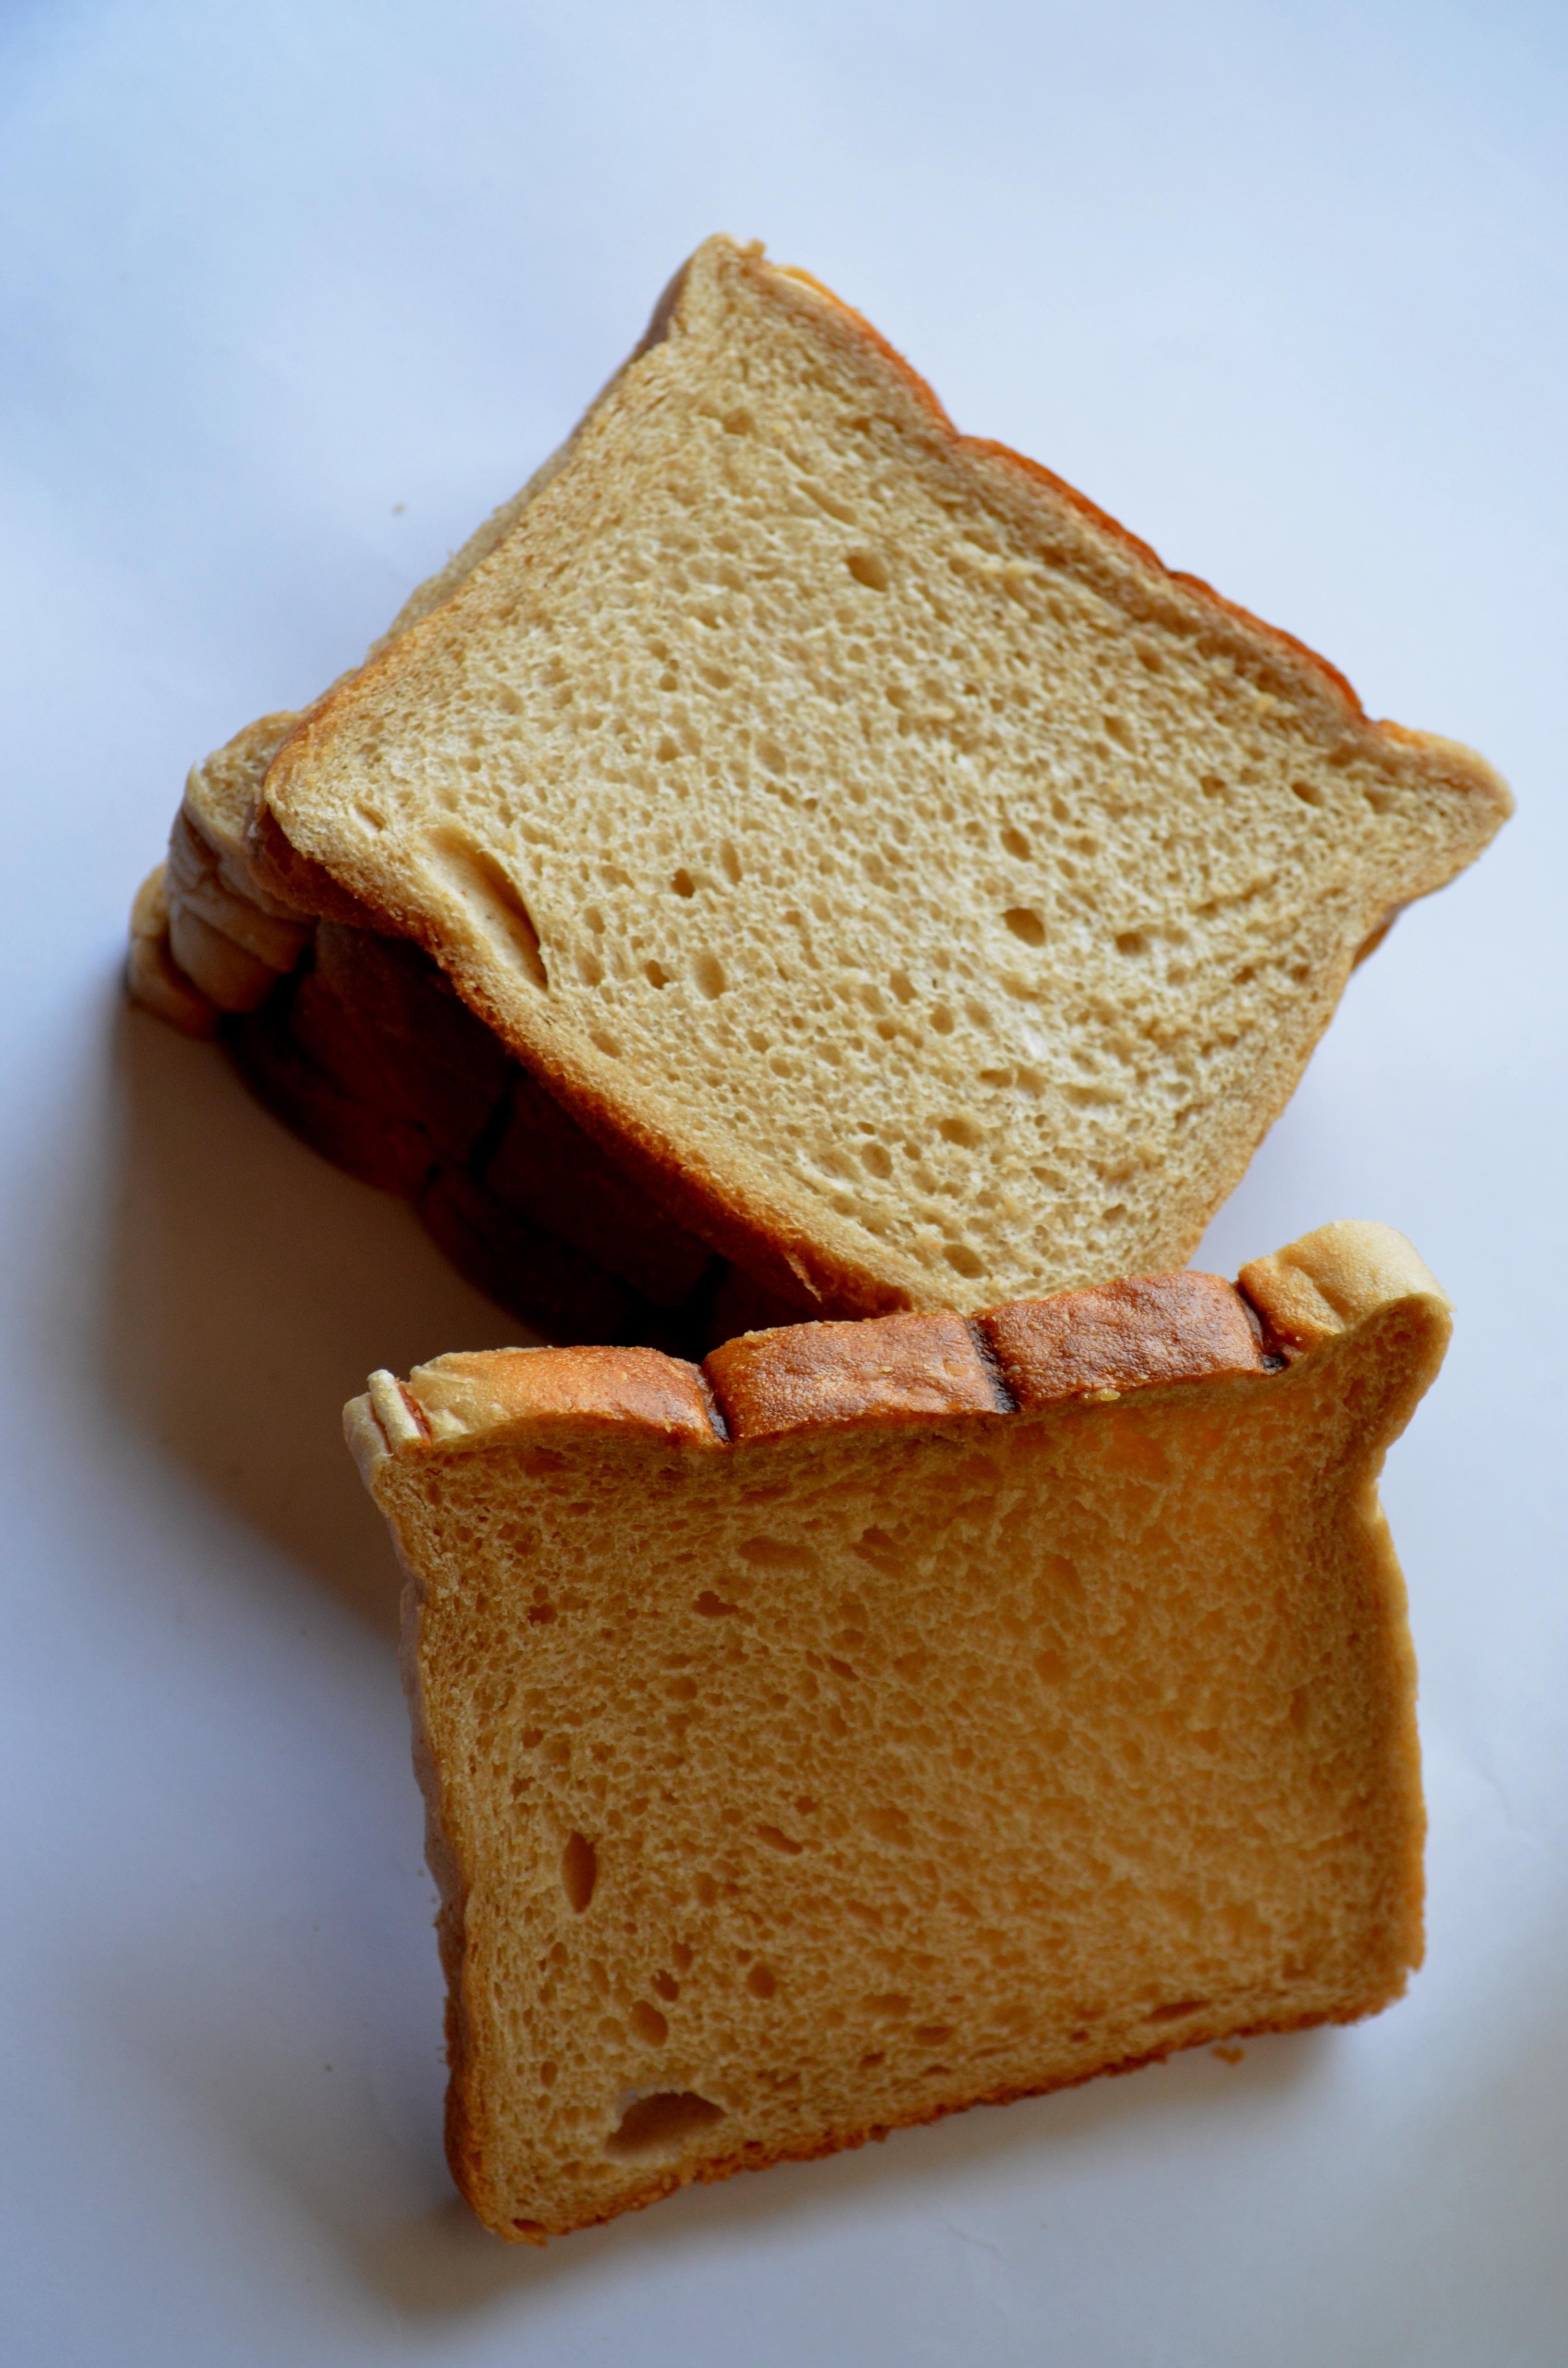 Ekmek diyeti ömer çelakıl ile Etiketlenen Konular 20